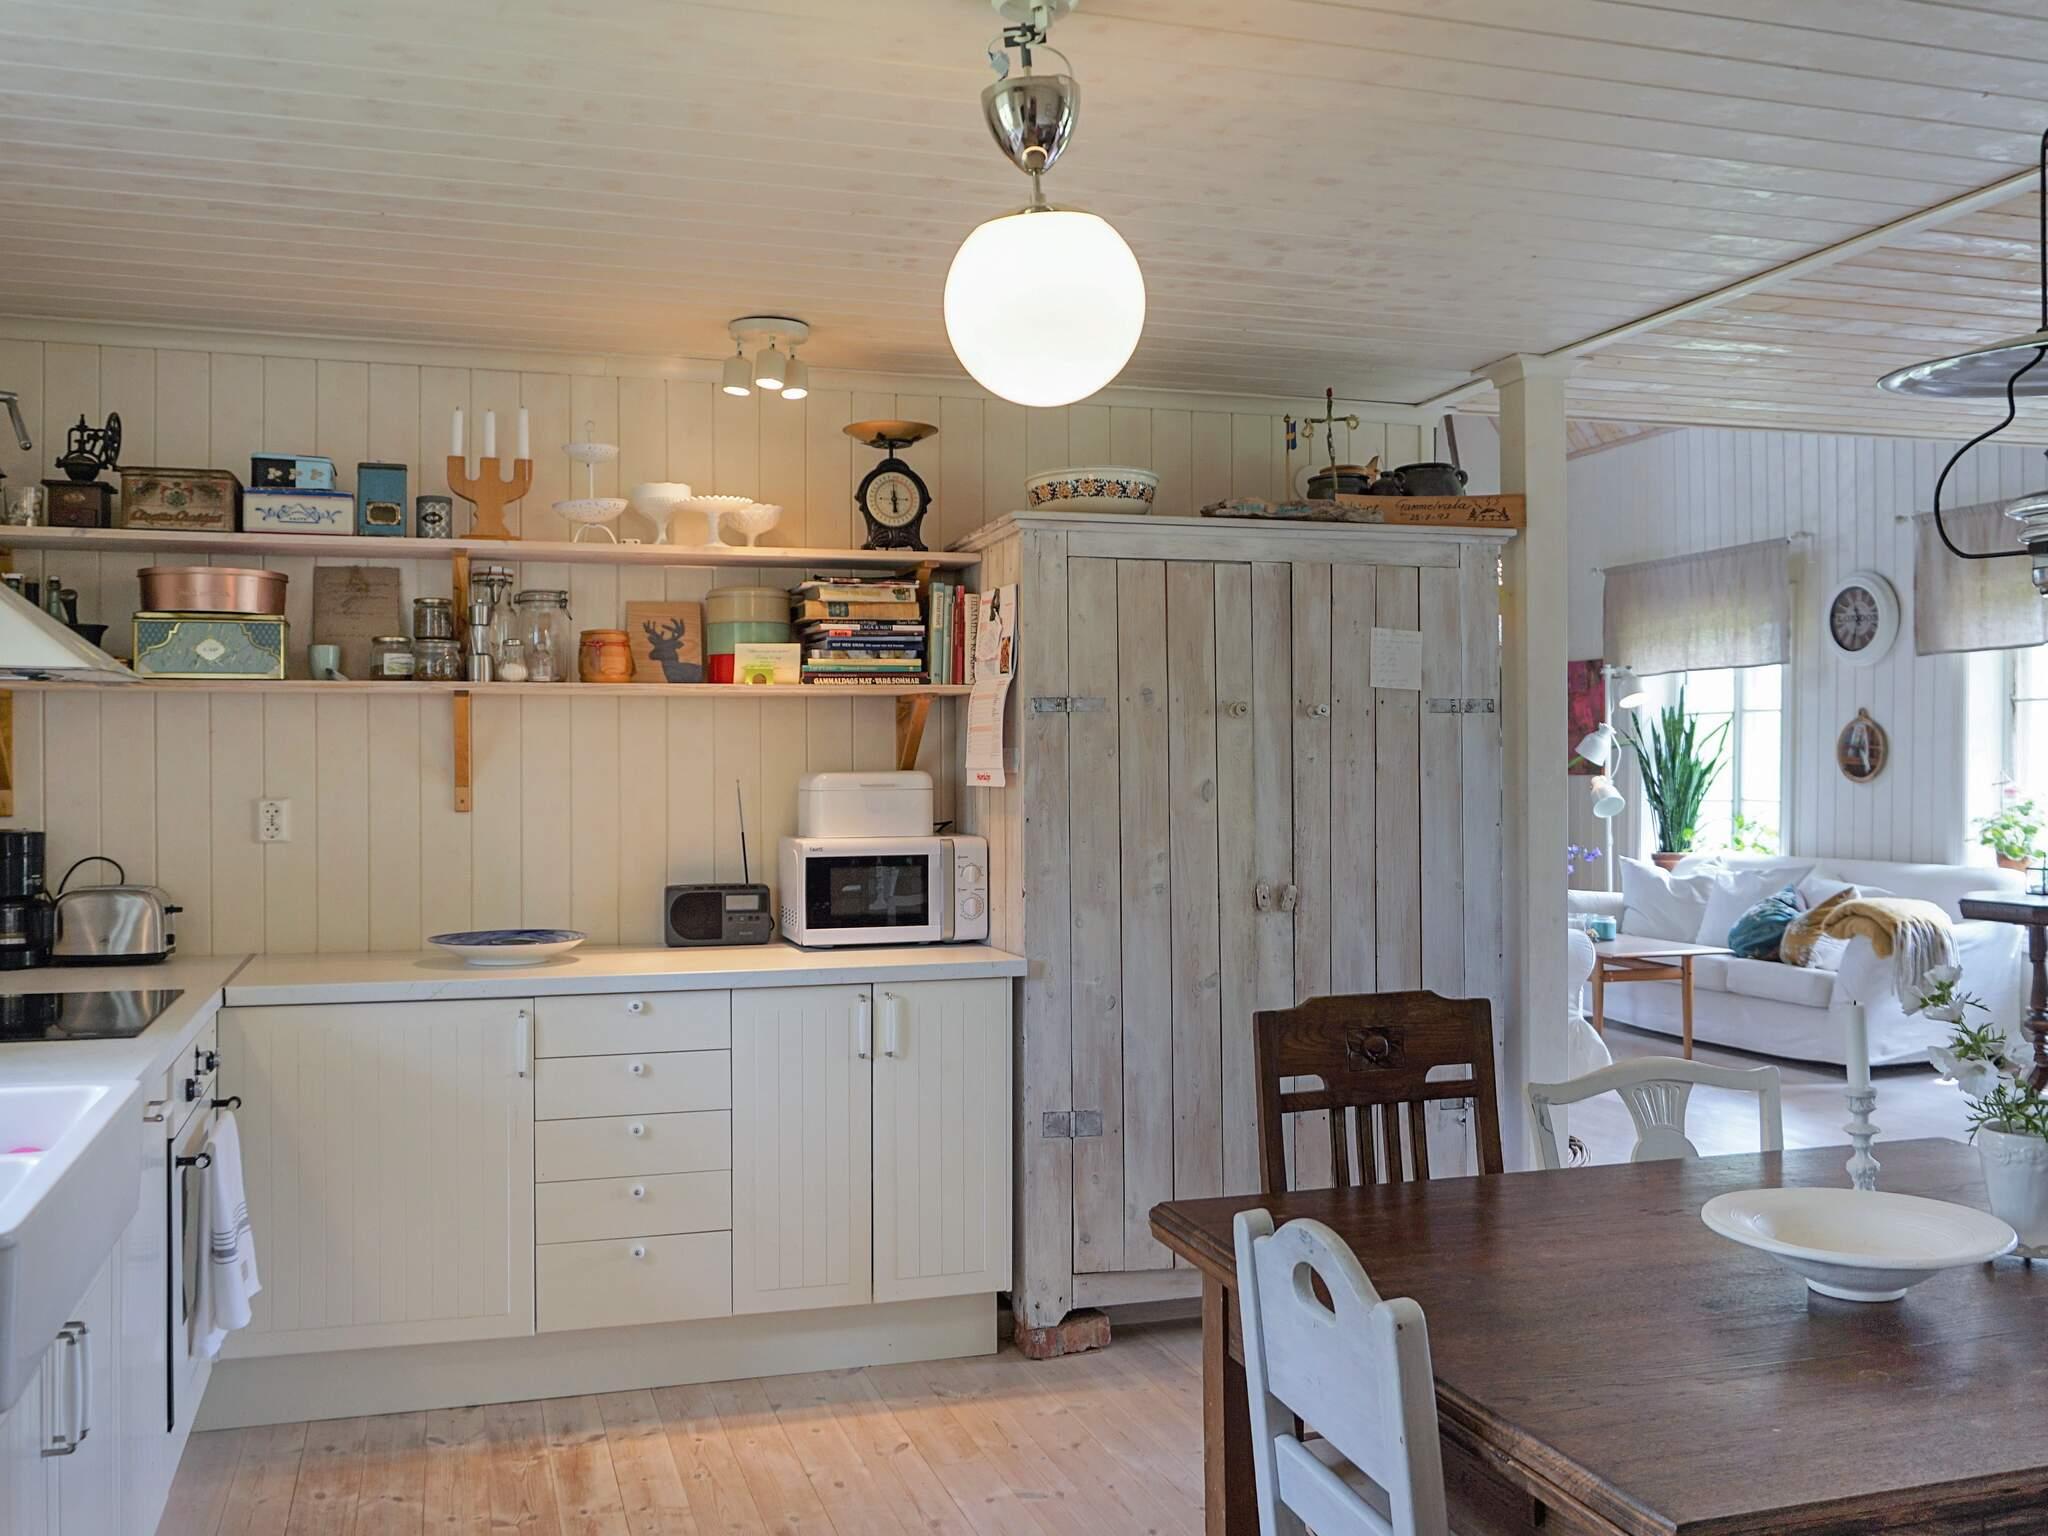 Ferienhaus Munkedal (2644651), Munkedal, Västra Götaland län, Westschweden, Schweden, Bild 12